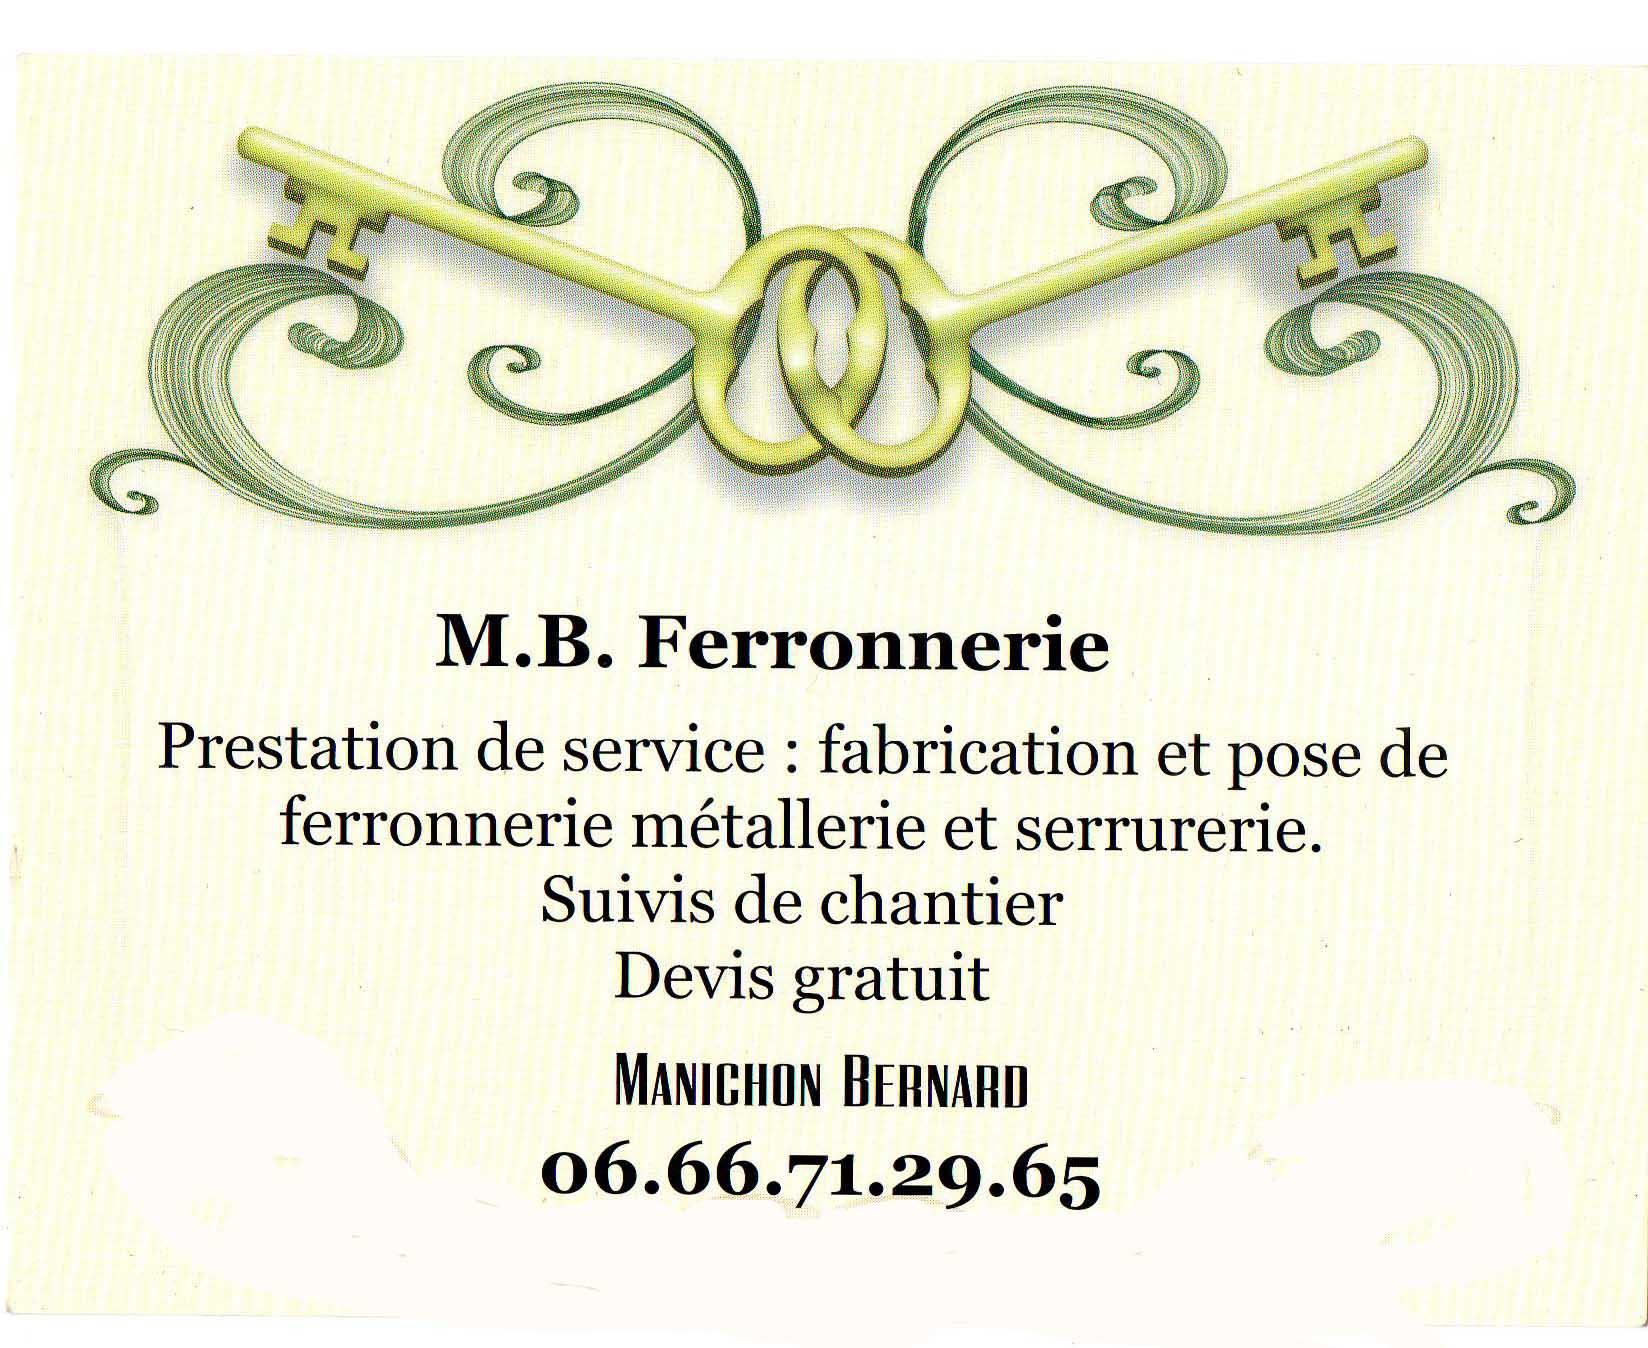 Mb fer001 1